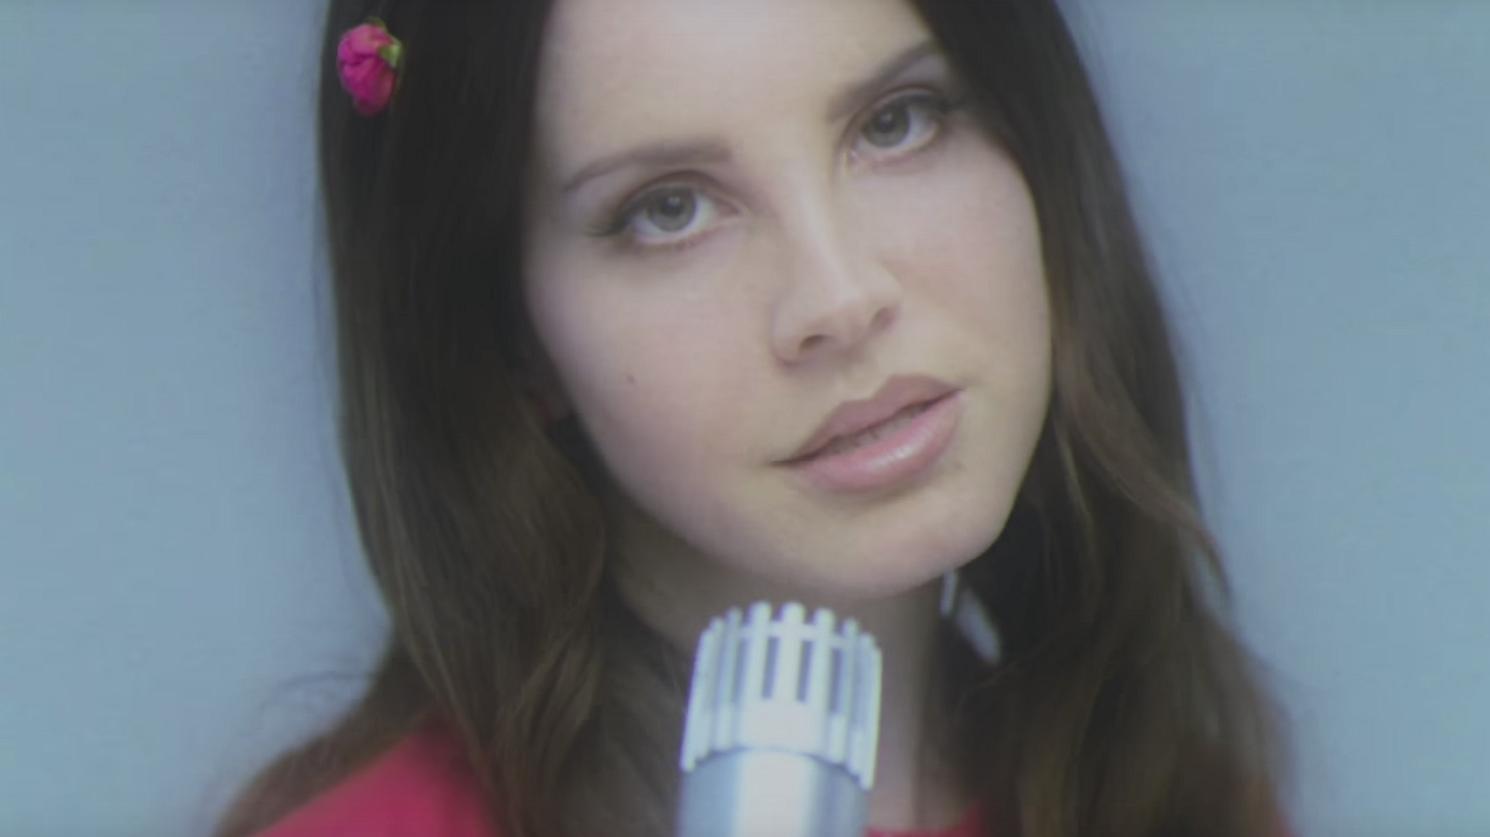 De nieuwe video van Lana del Rey is een waar kunstwerkje